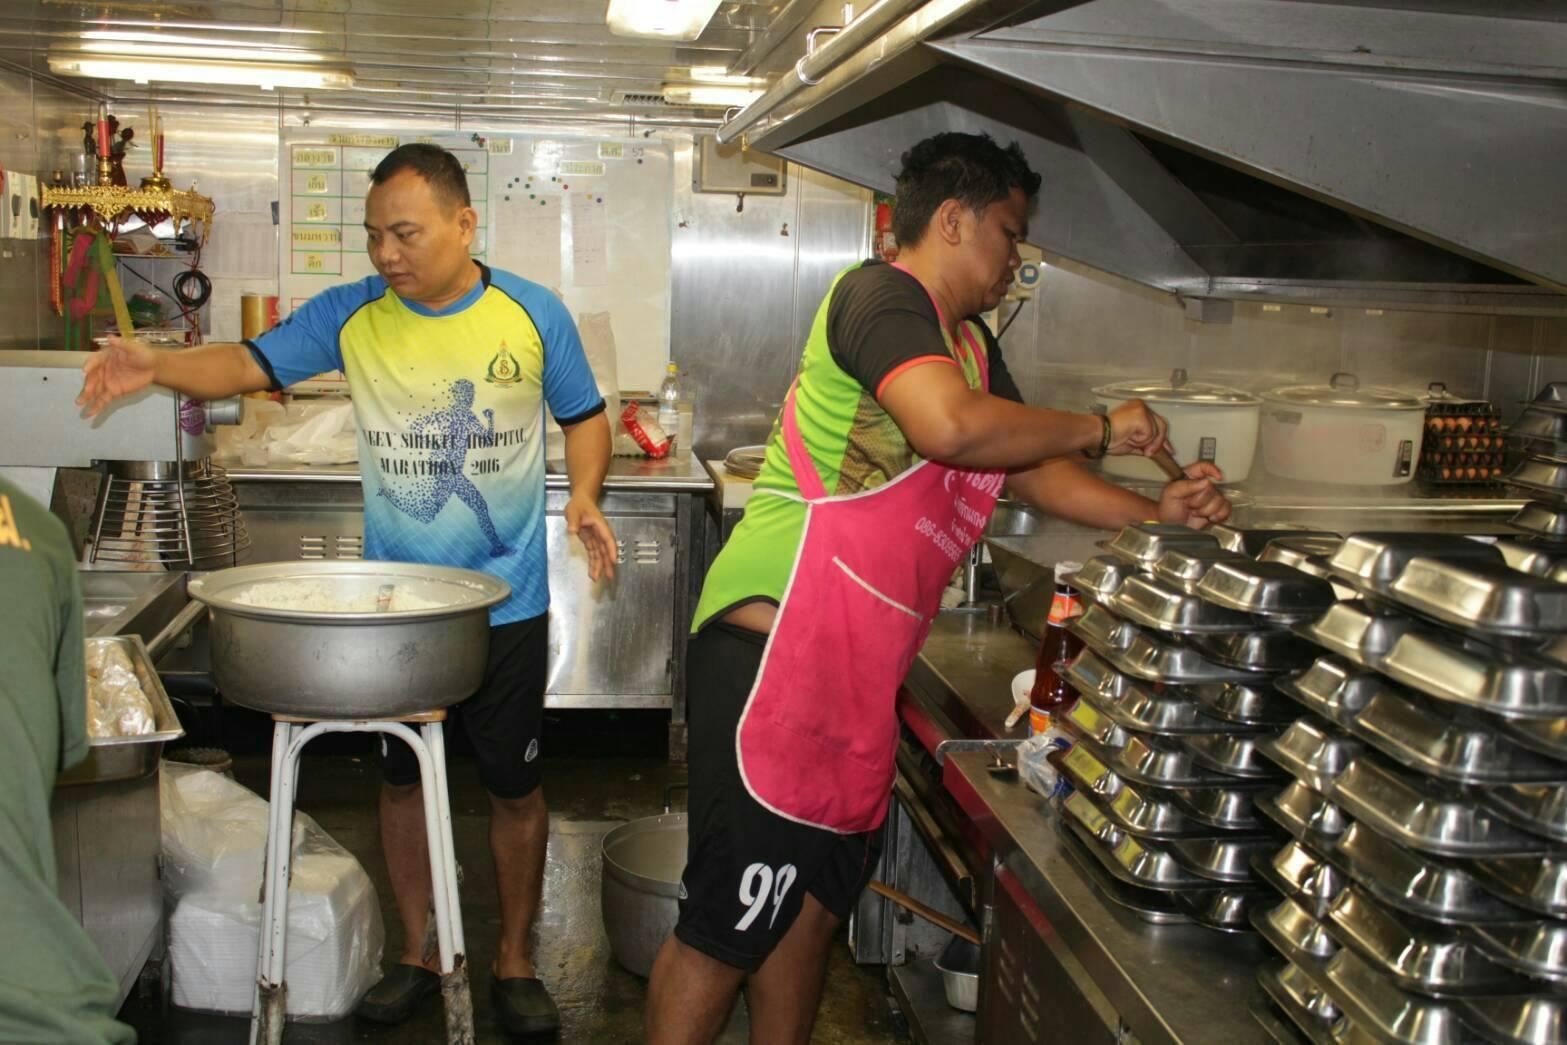 เปิดโรงครัวลอยน้ำ บนเรือหลวงอ่างทอง ทำอาหารแจกผู้ประสบอุทกภัย